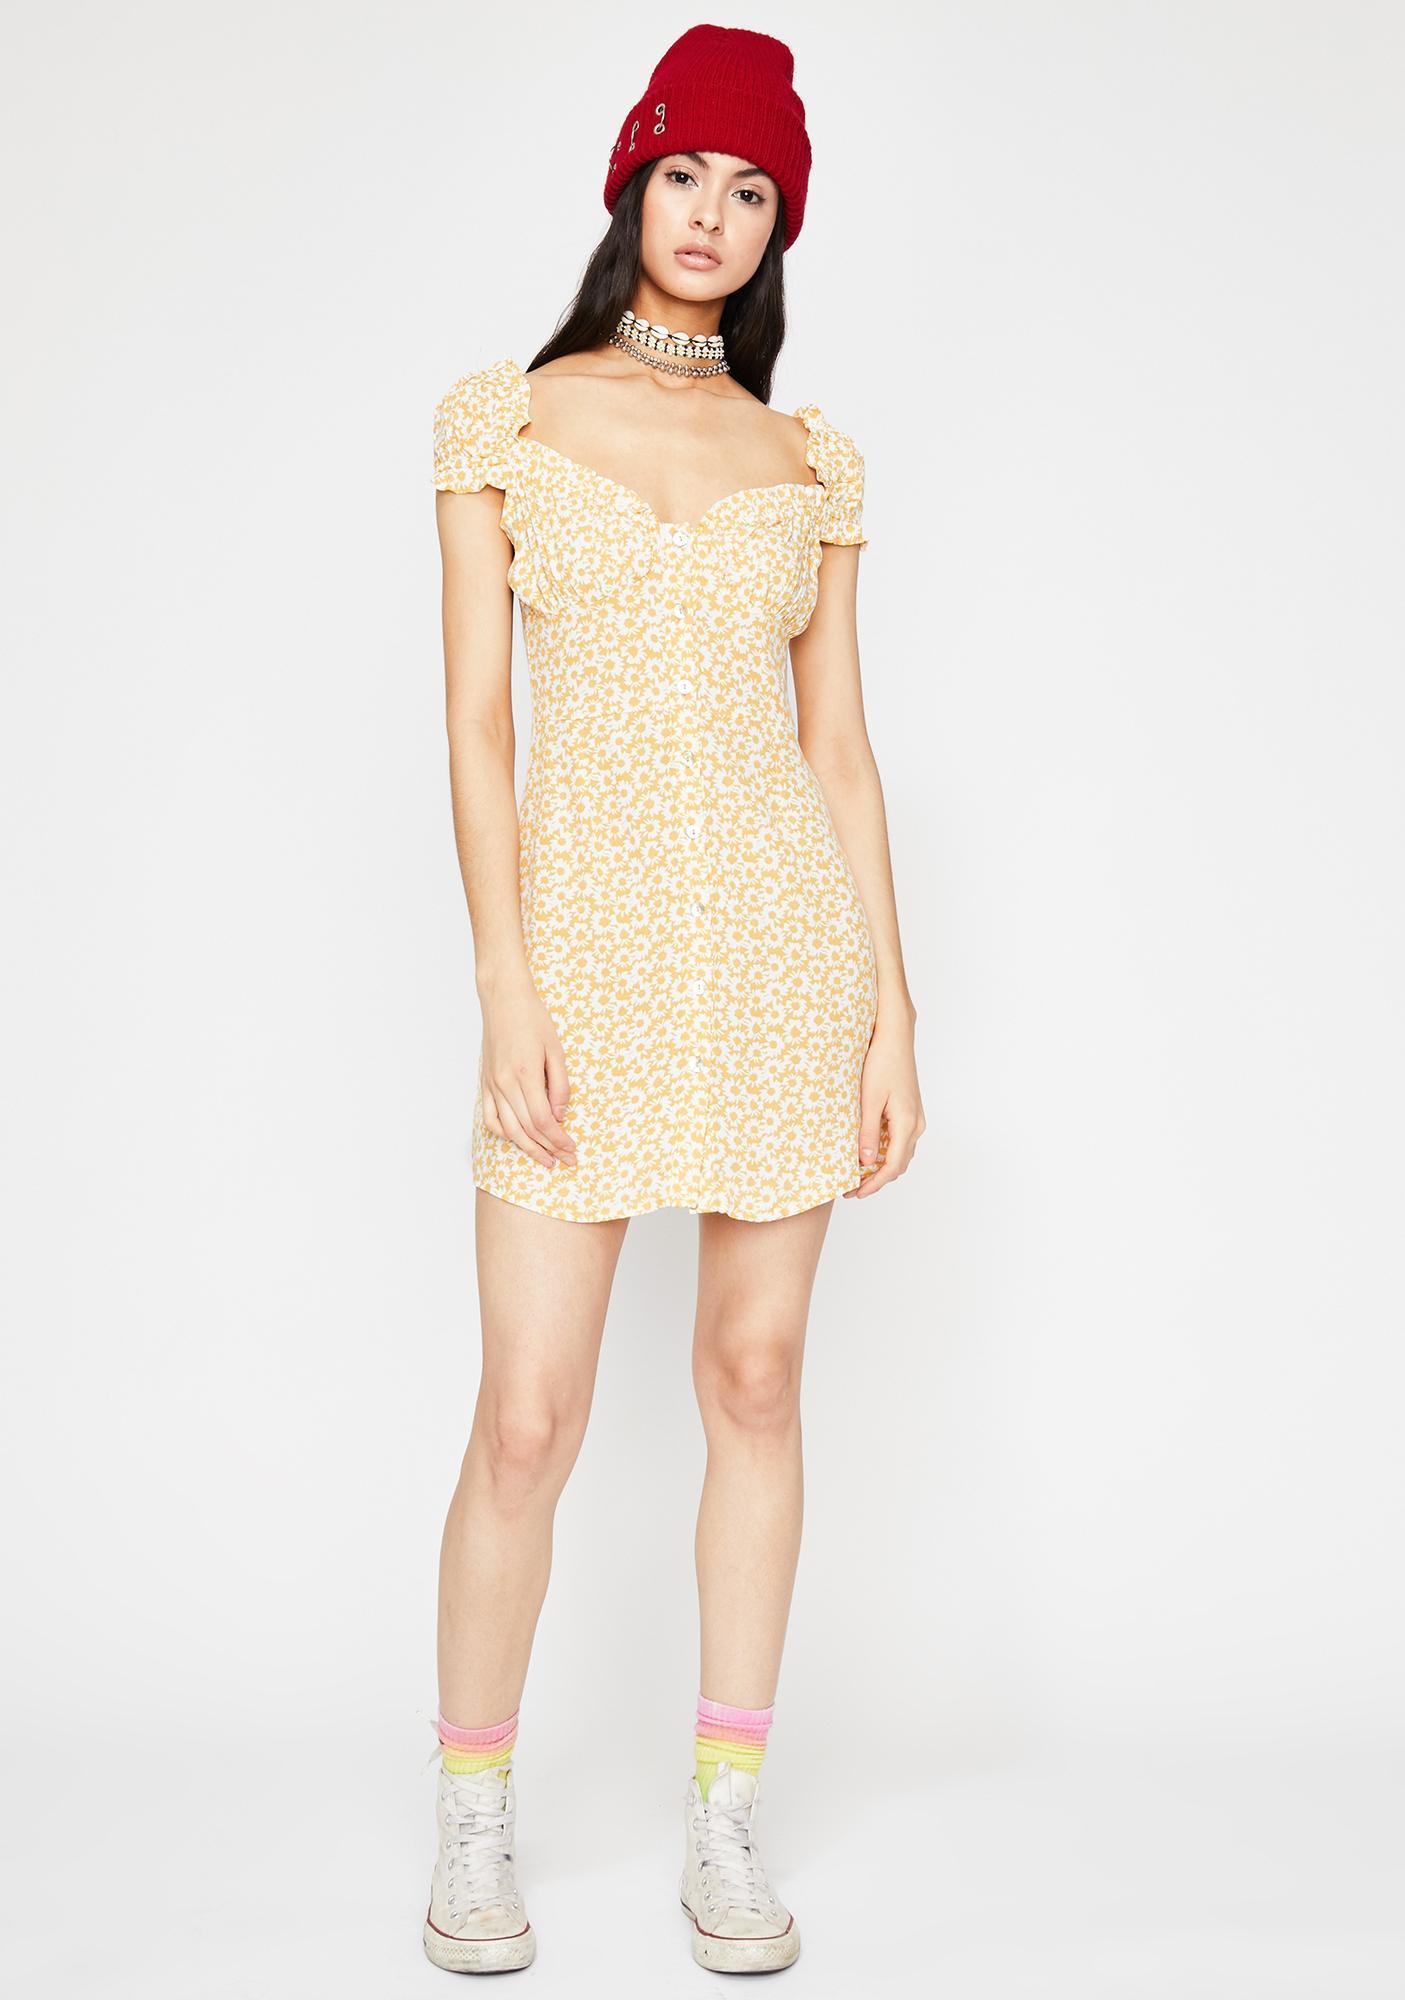 Sunny Rarest Daisy Floral Dress